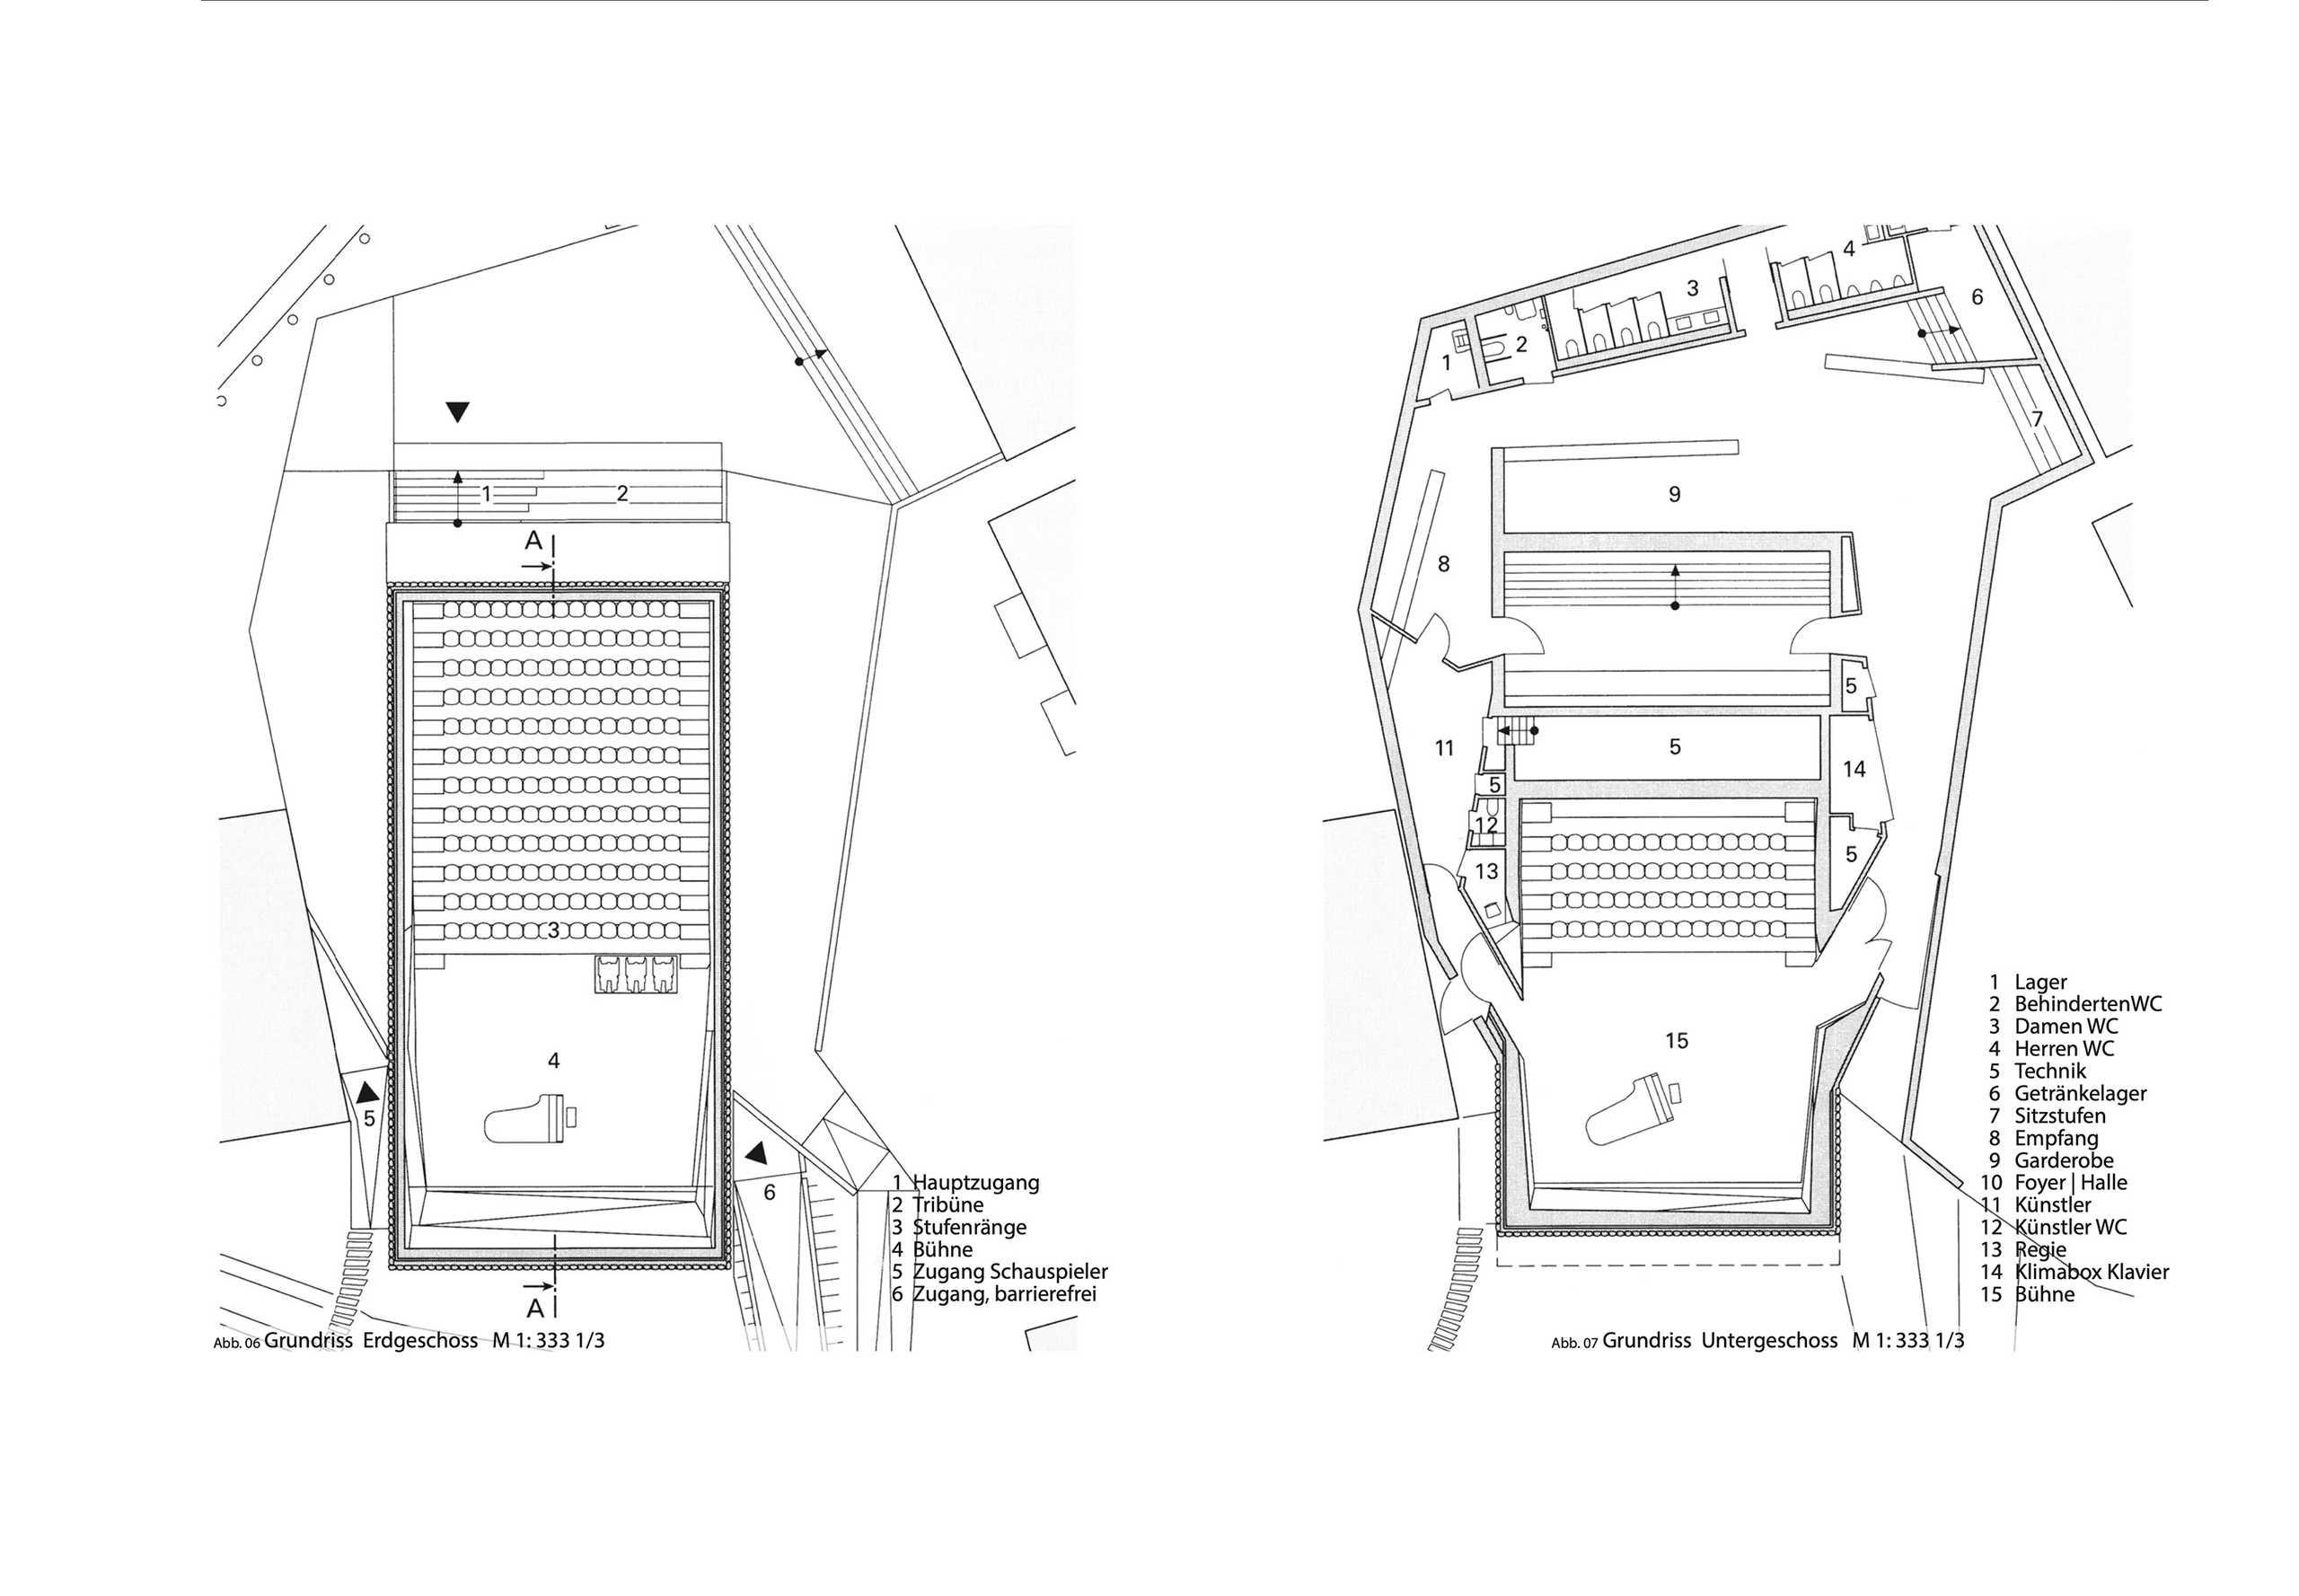 Grundriss Erdgeschoss und Untergeschoss